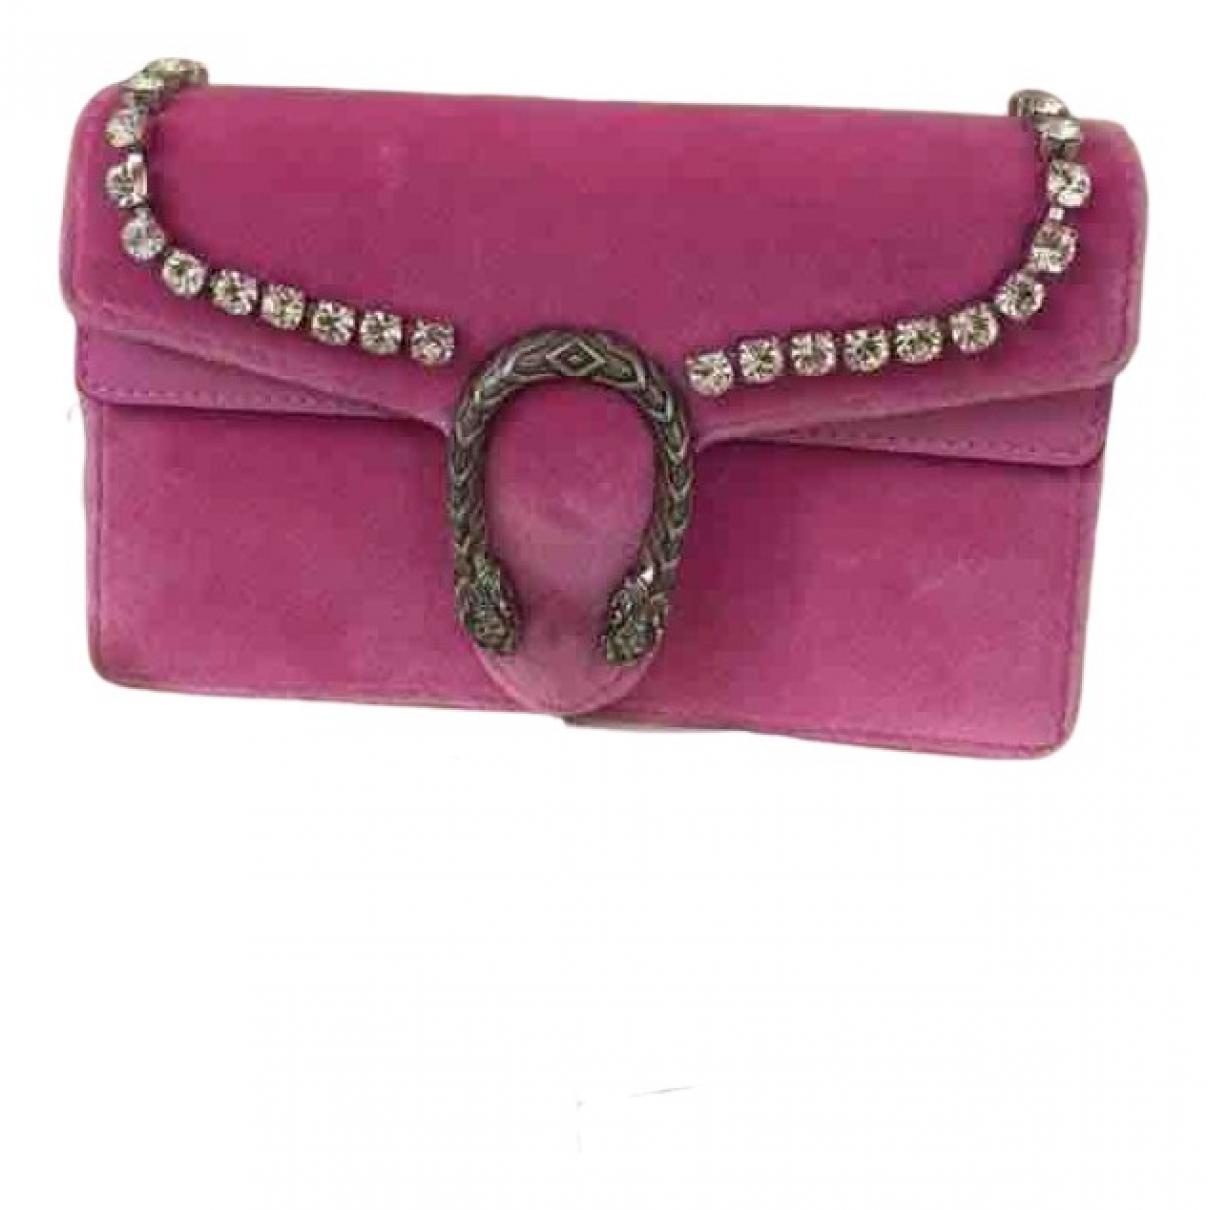 Gucci Dionysus Handtasche in  Rosa Samt